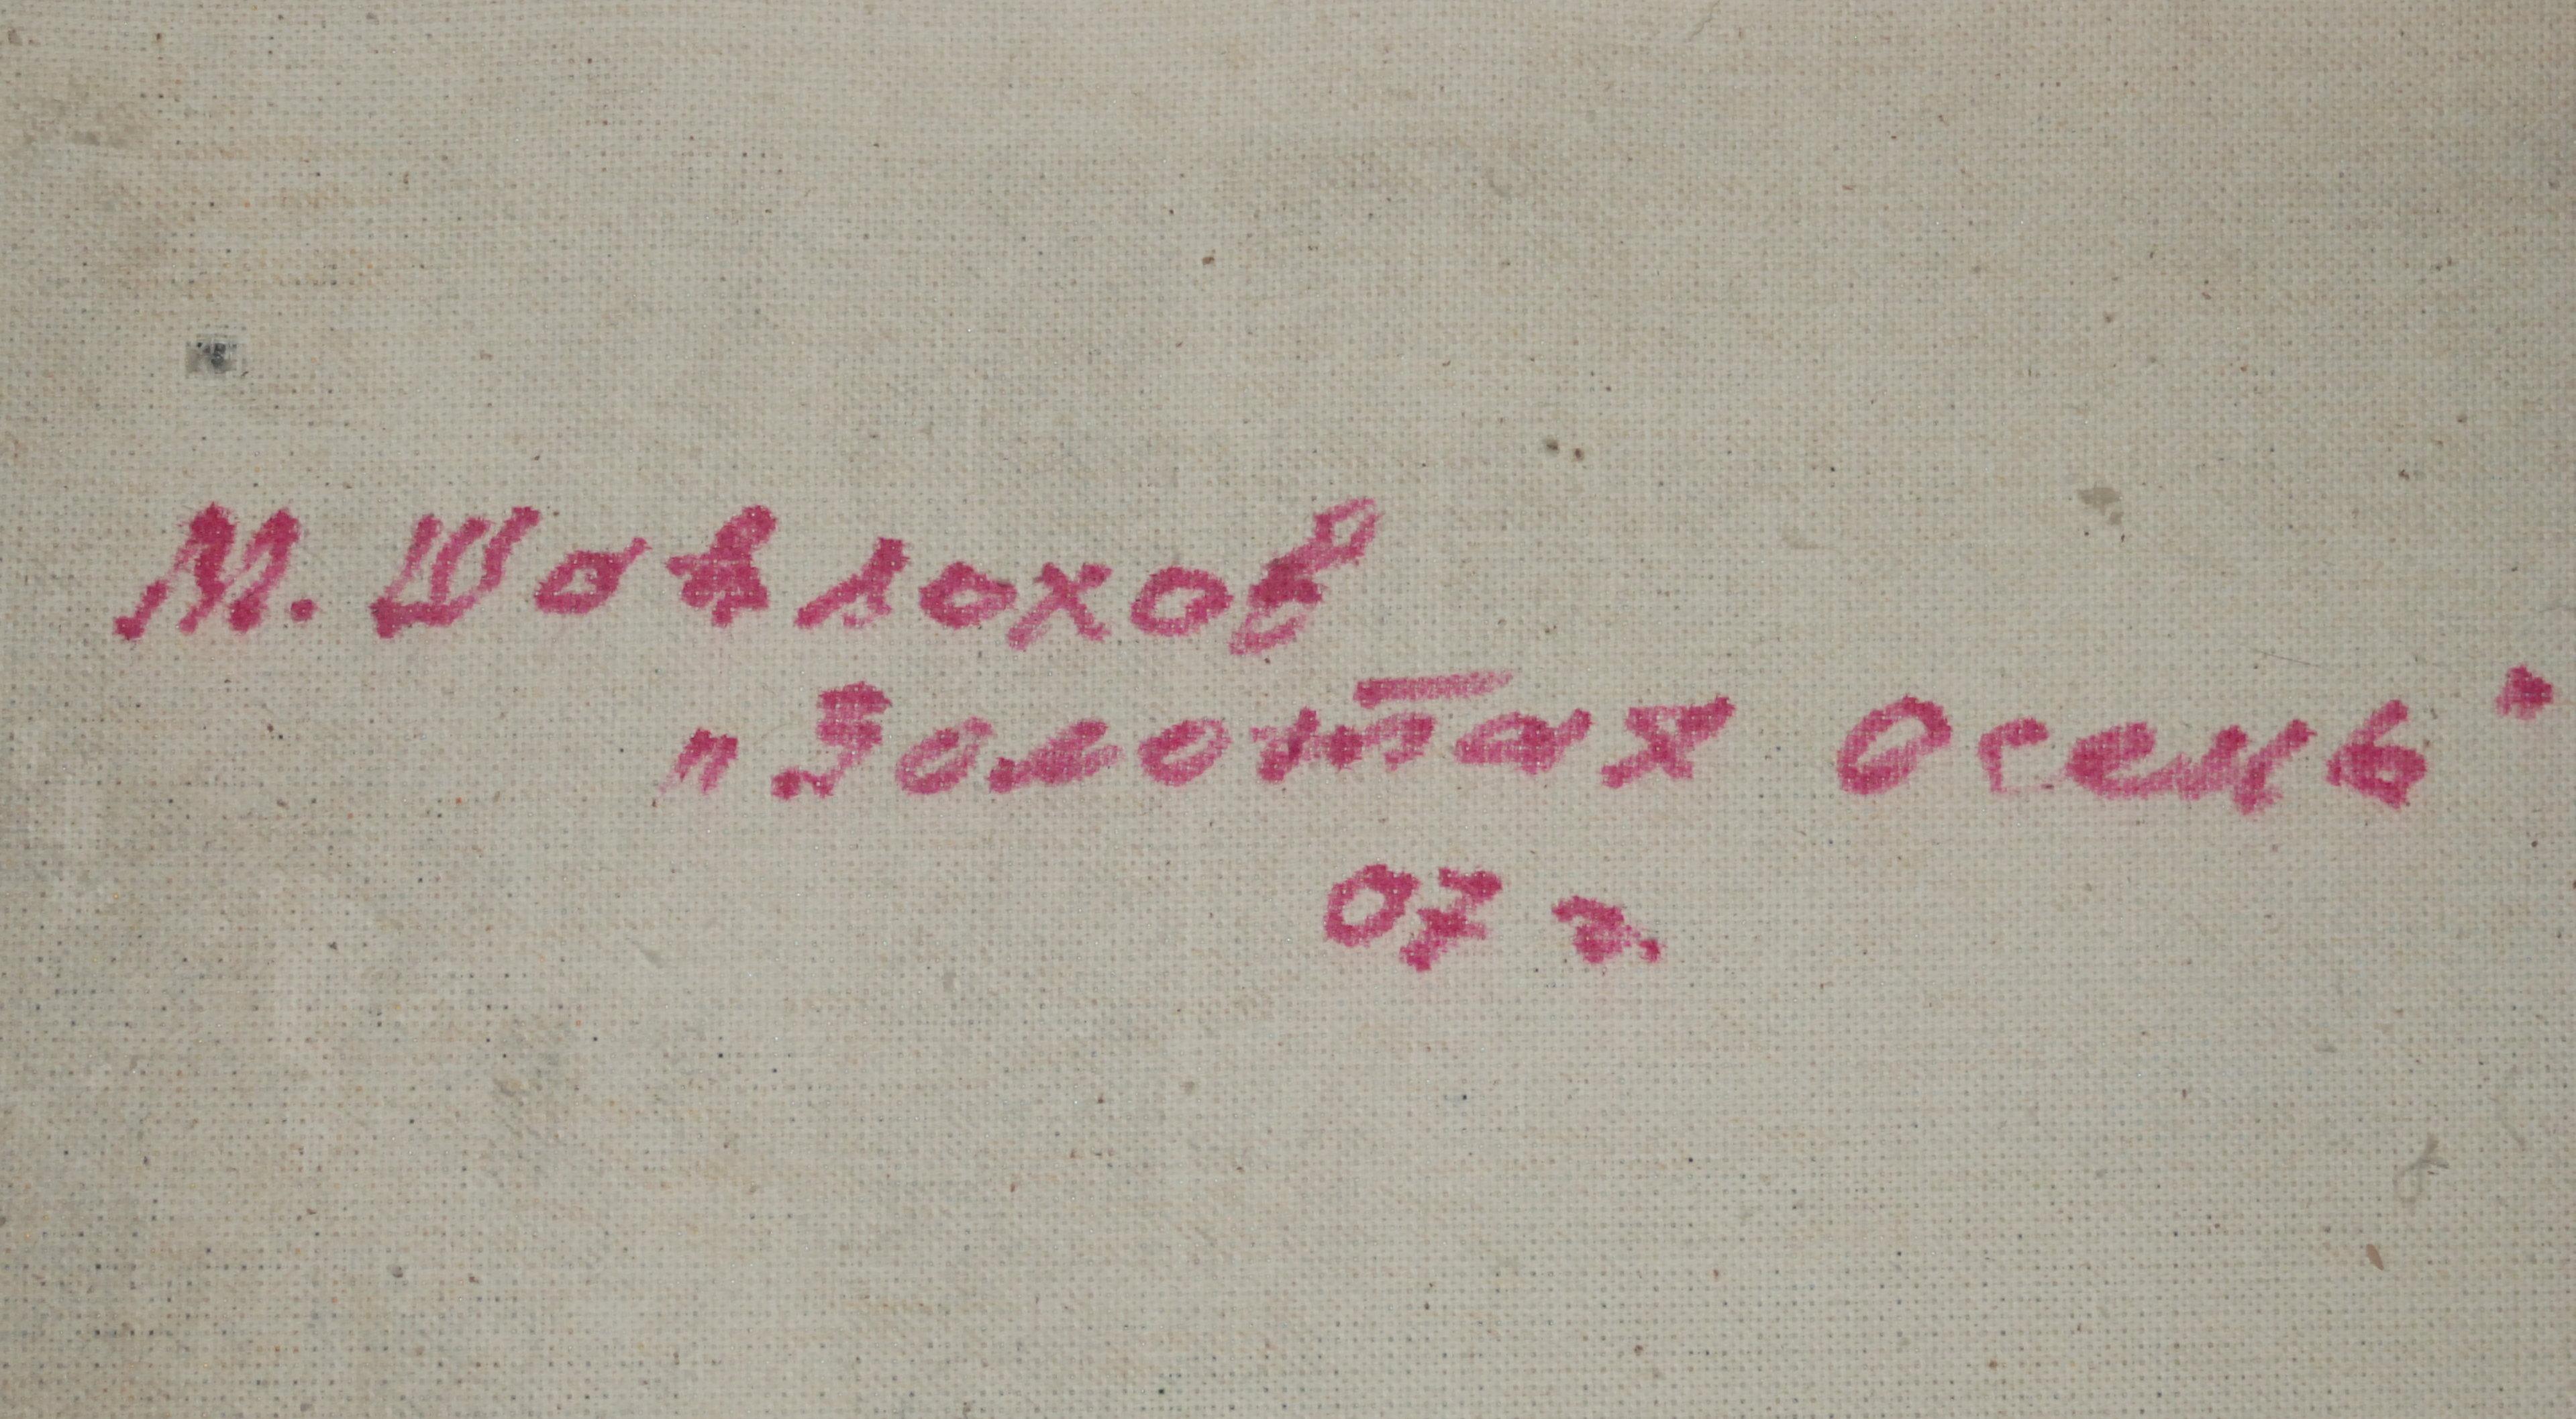 Роспись М. Шавлохова на картине Золотая осень